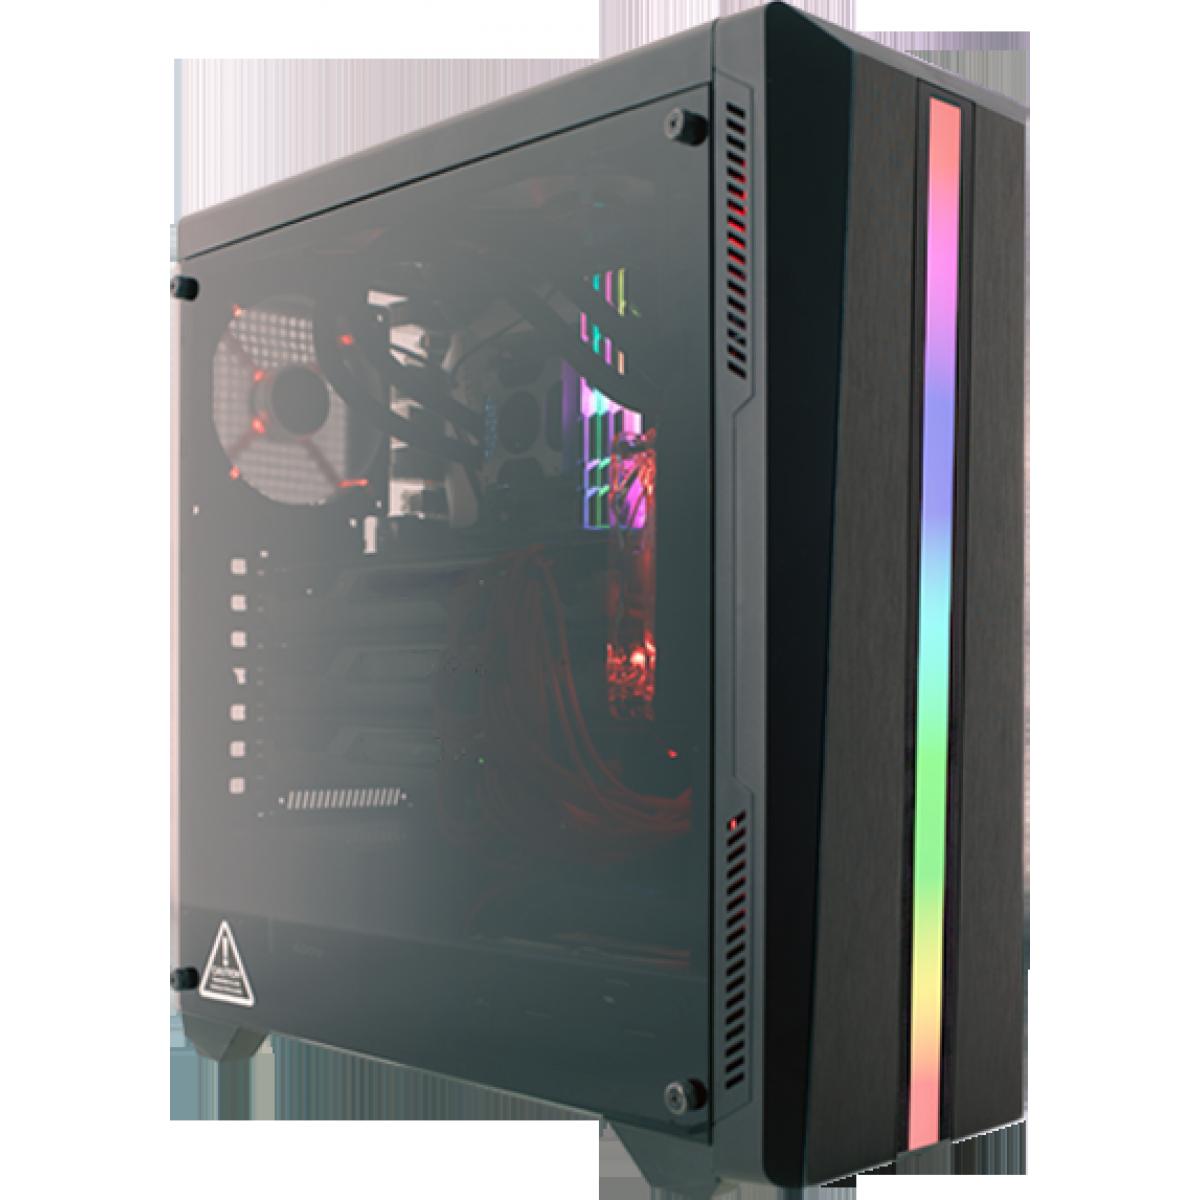 Pc Gamer T-Commander LVL-7 AMD Ryzen 5 3500 / Radeon RX 5600 XT 6GB / DDR4 8GB / HD 1TB / 600W